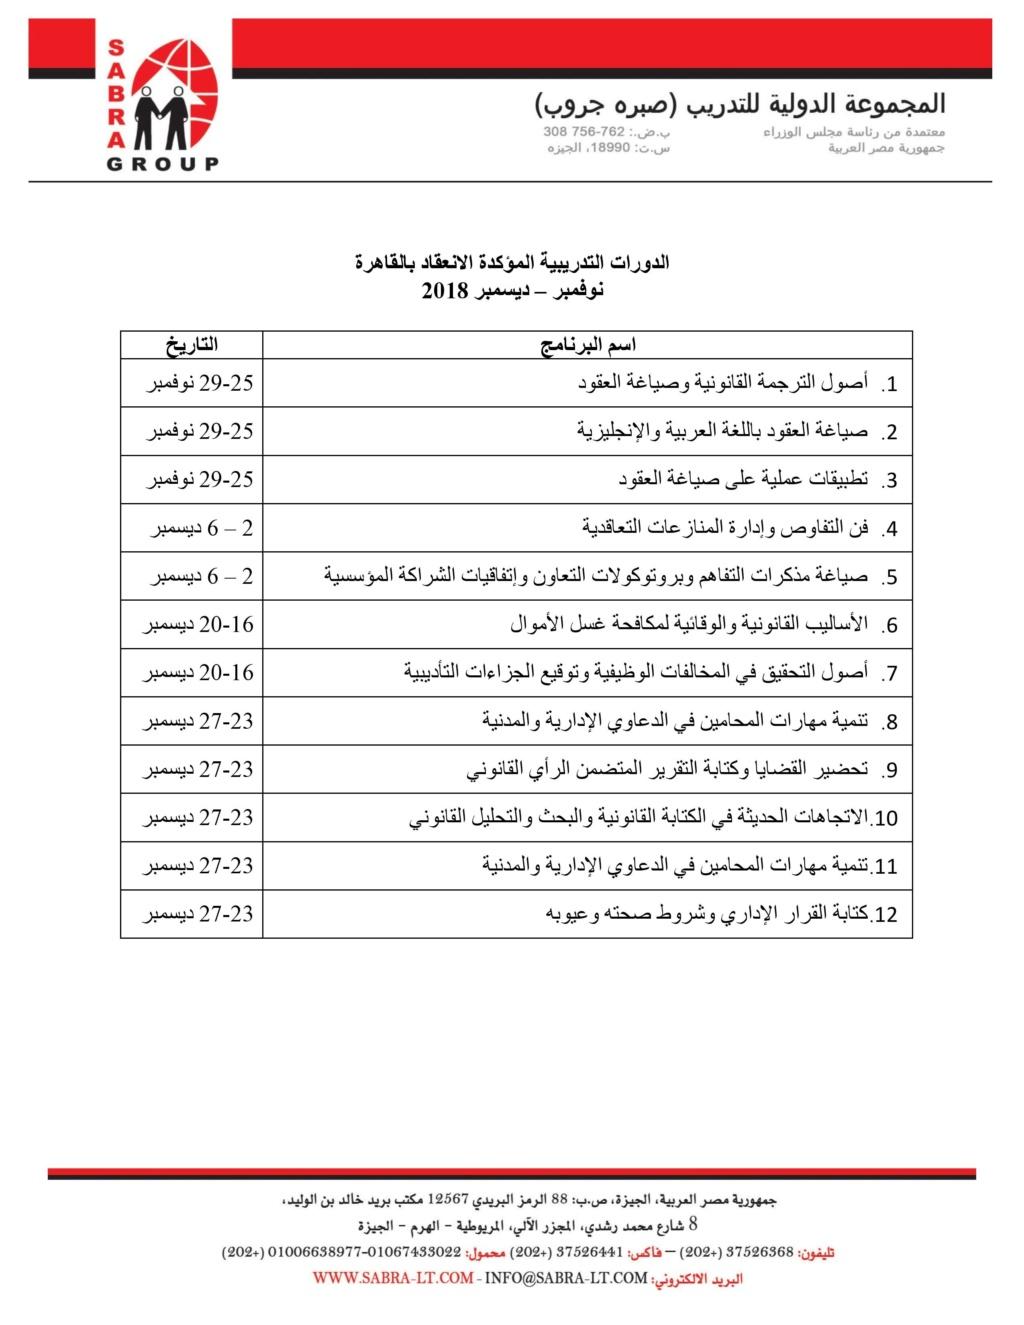 الدورات مؤكدة الانعقاد في القاهرة خلال شهري نوفمبر- ديسمبر 2018 Cio_aa10